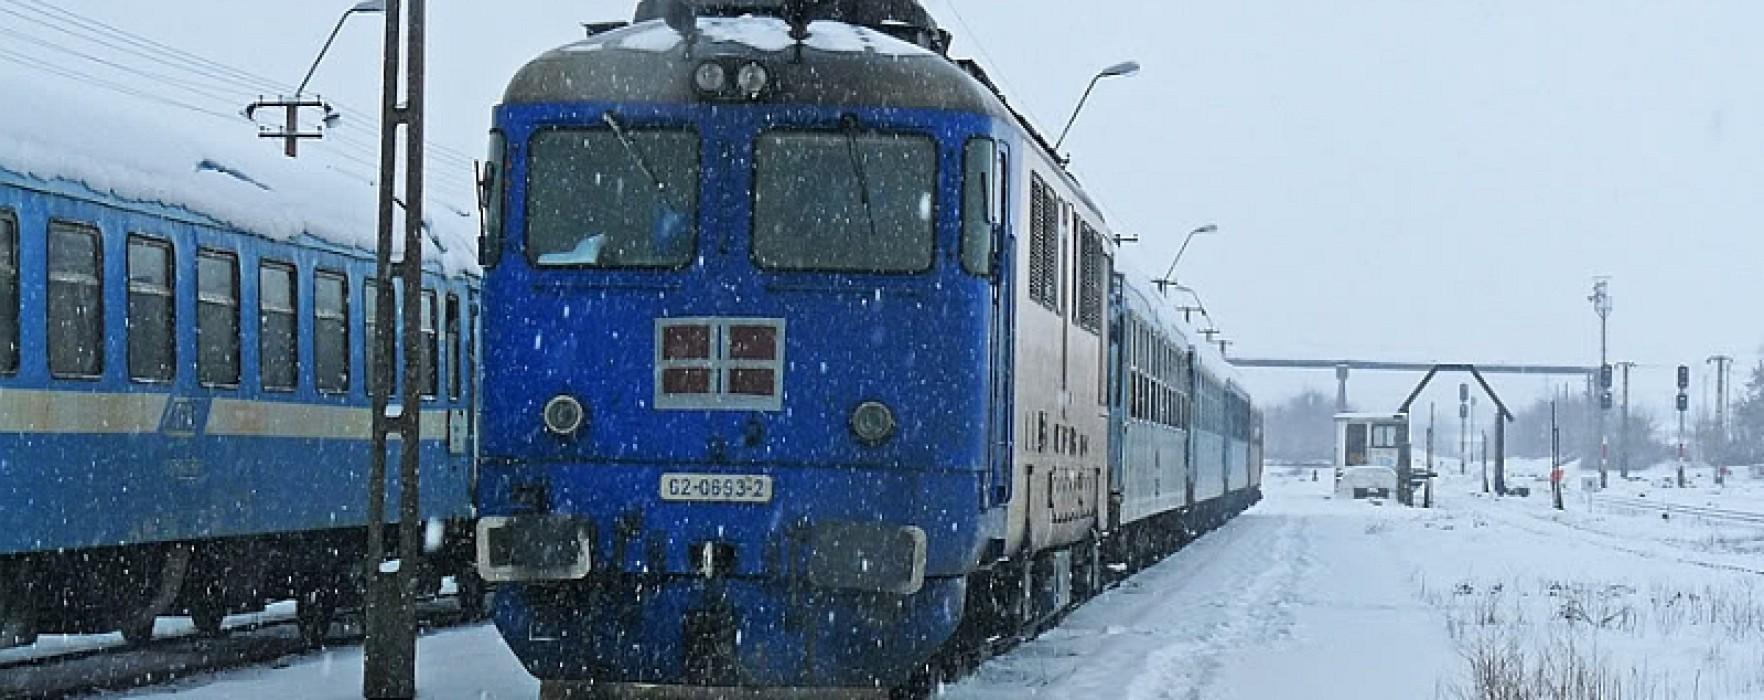 Două trenuri, blocate în gări, la Titu şi Ciocăneşti